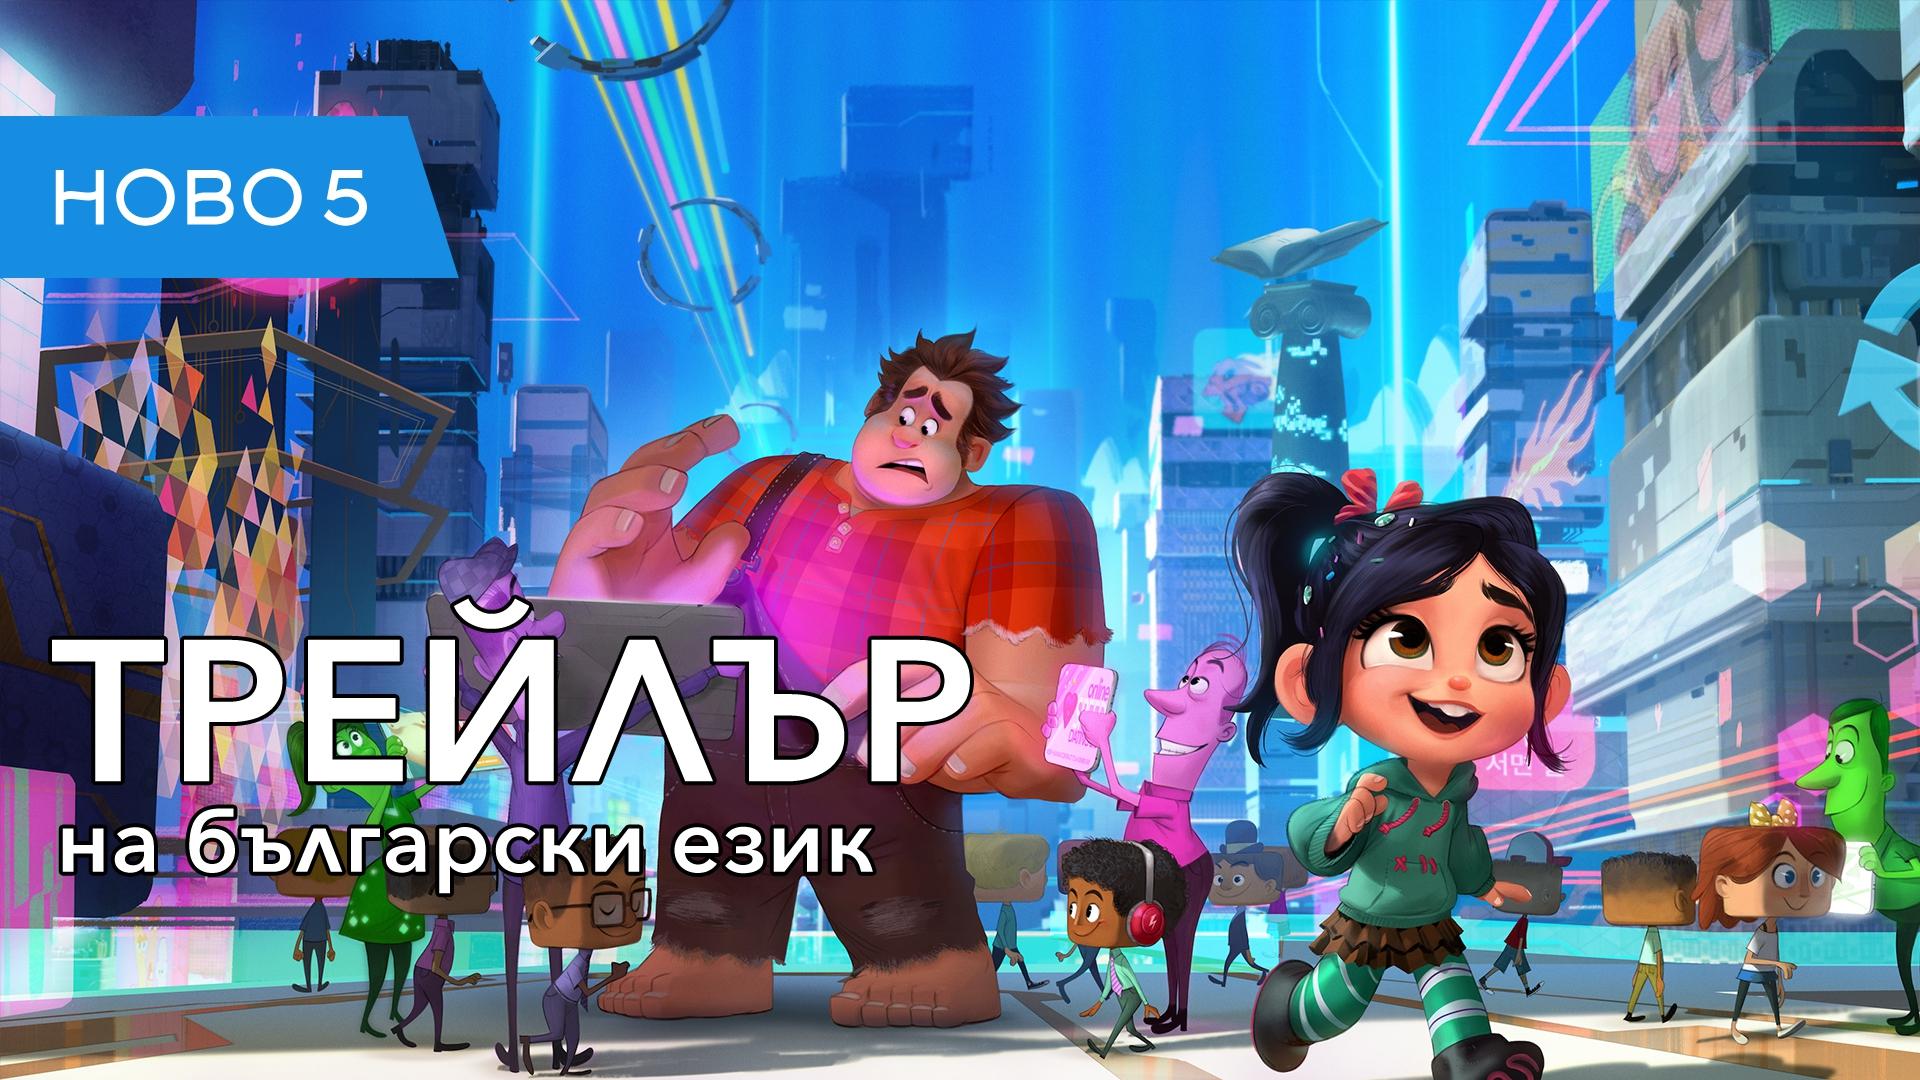 Ралф разбива интернета (2019) финален трейлър, озвучен на български език